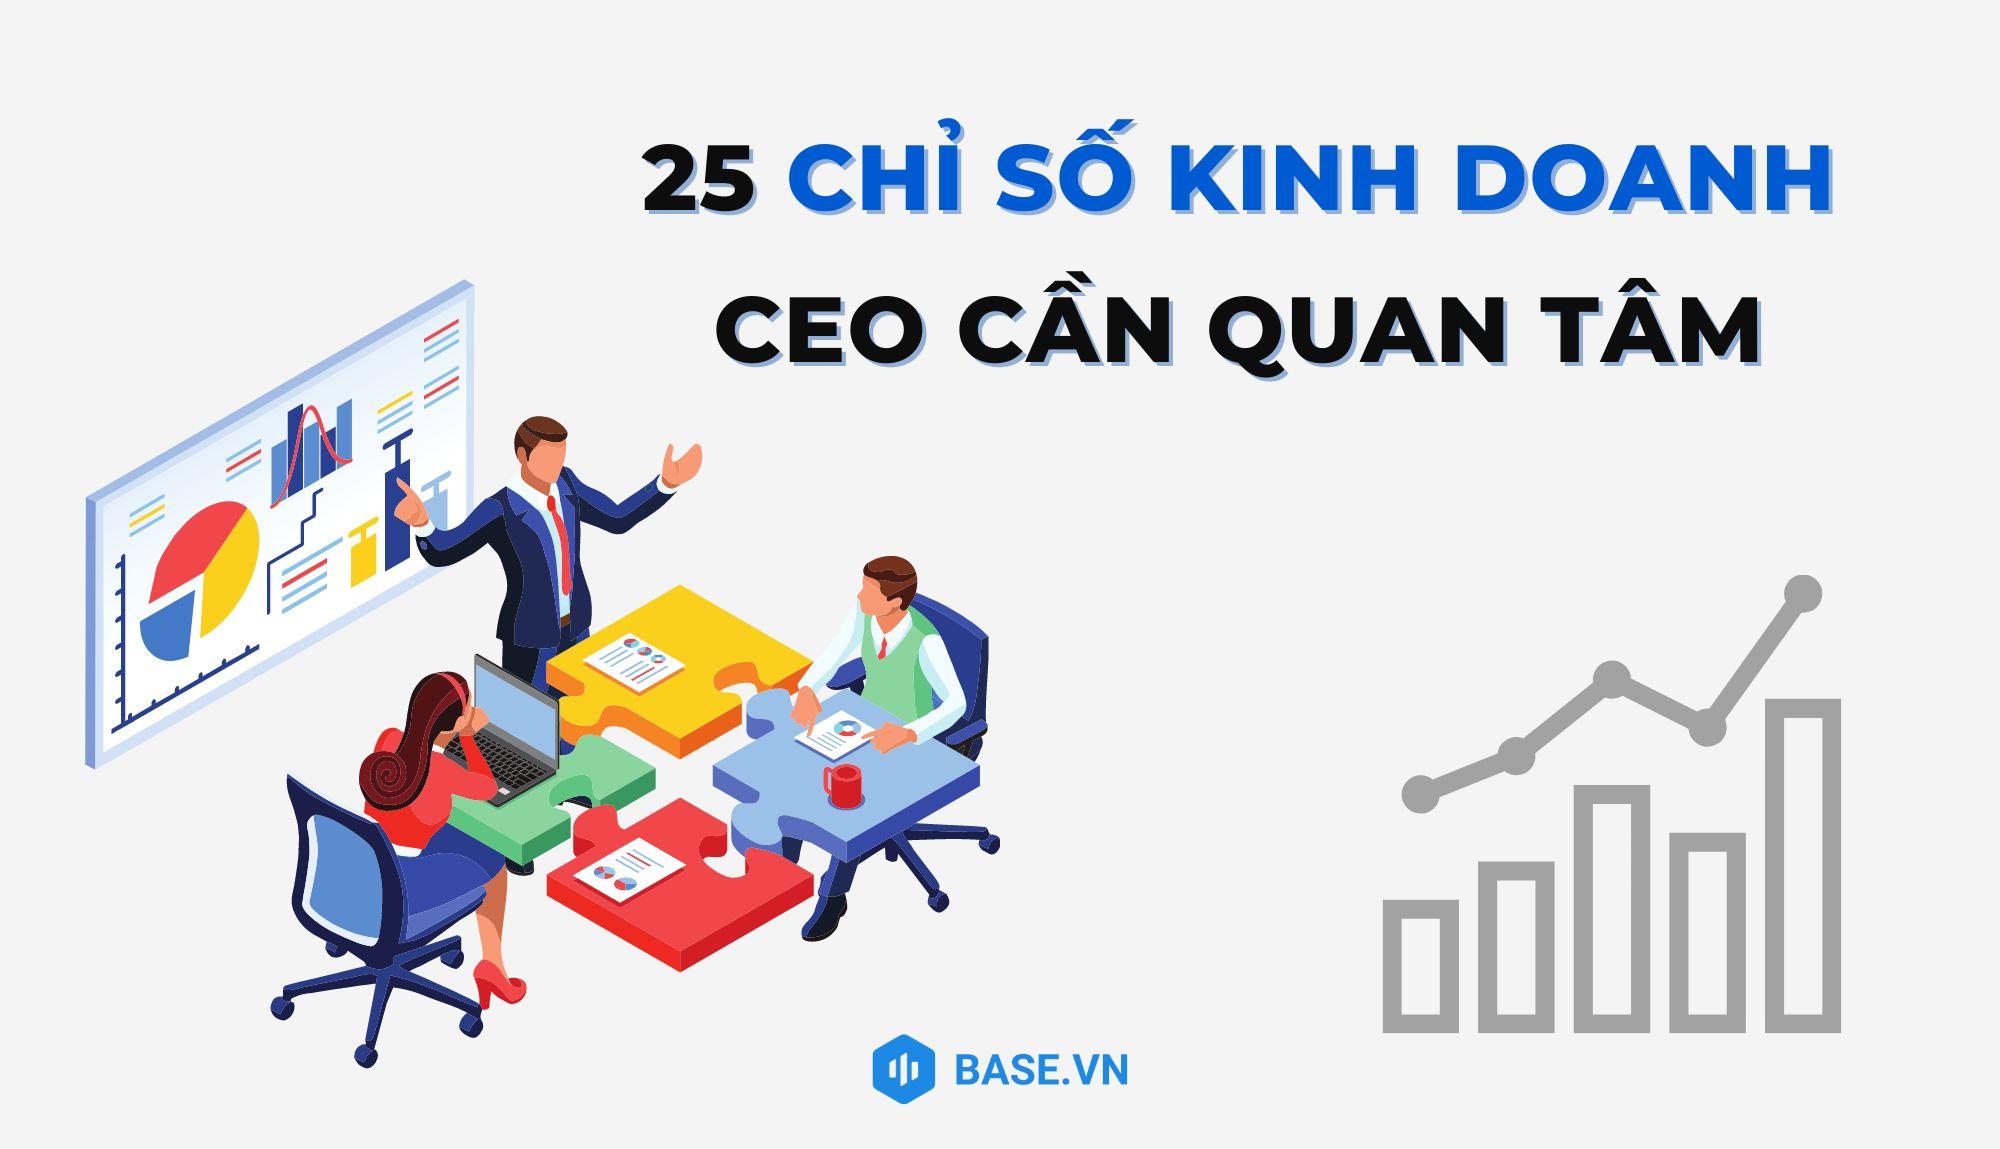 25 chỉ số quan trọng nhất mà CEO cần quan tâm về tài chính, kinh doanh, nhân sự và khách hàng